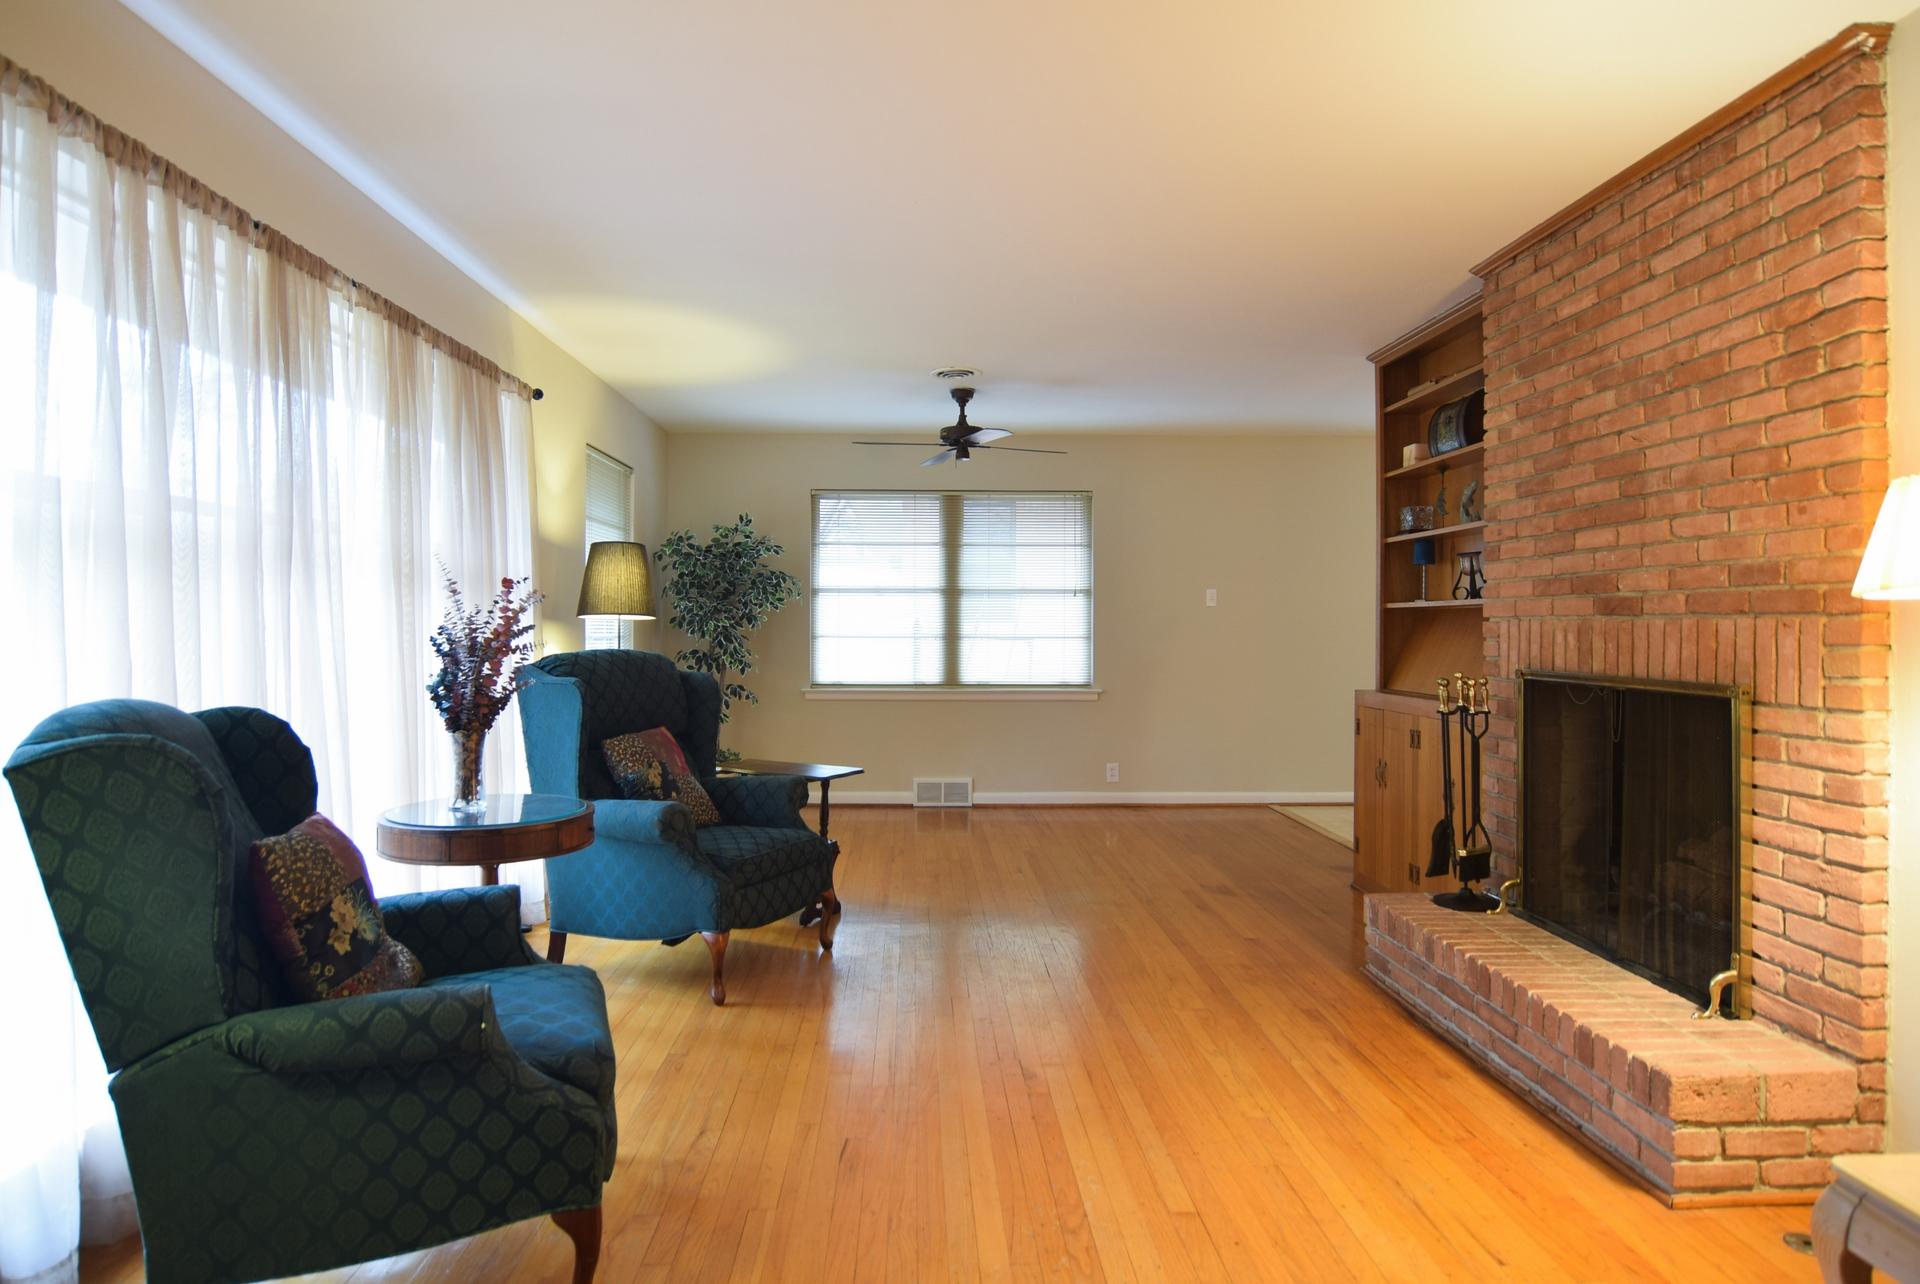 Living Room b 2716 Woodmere Dallas TX 75233.jpg